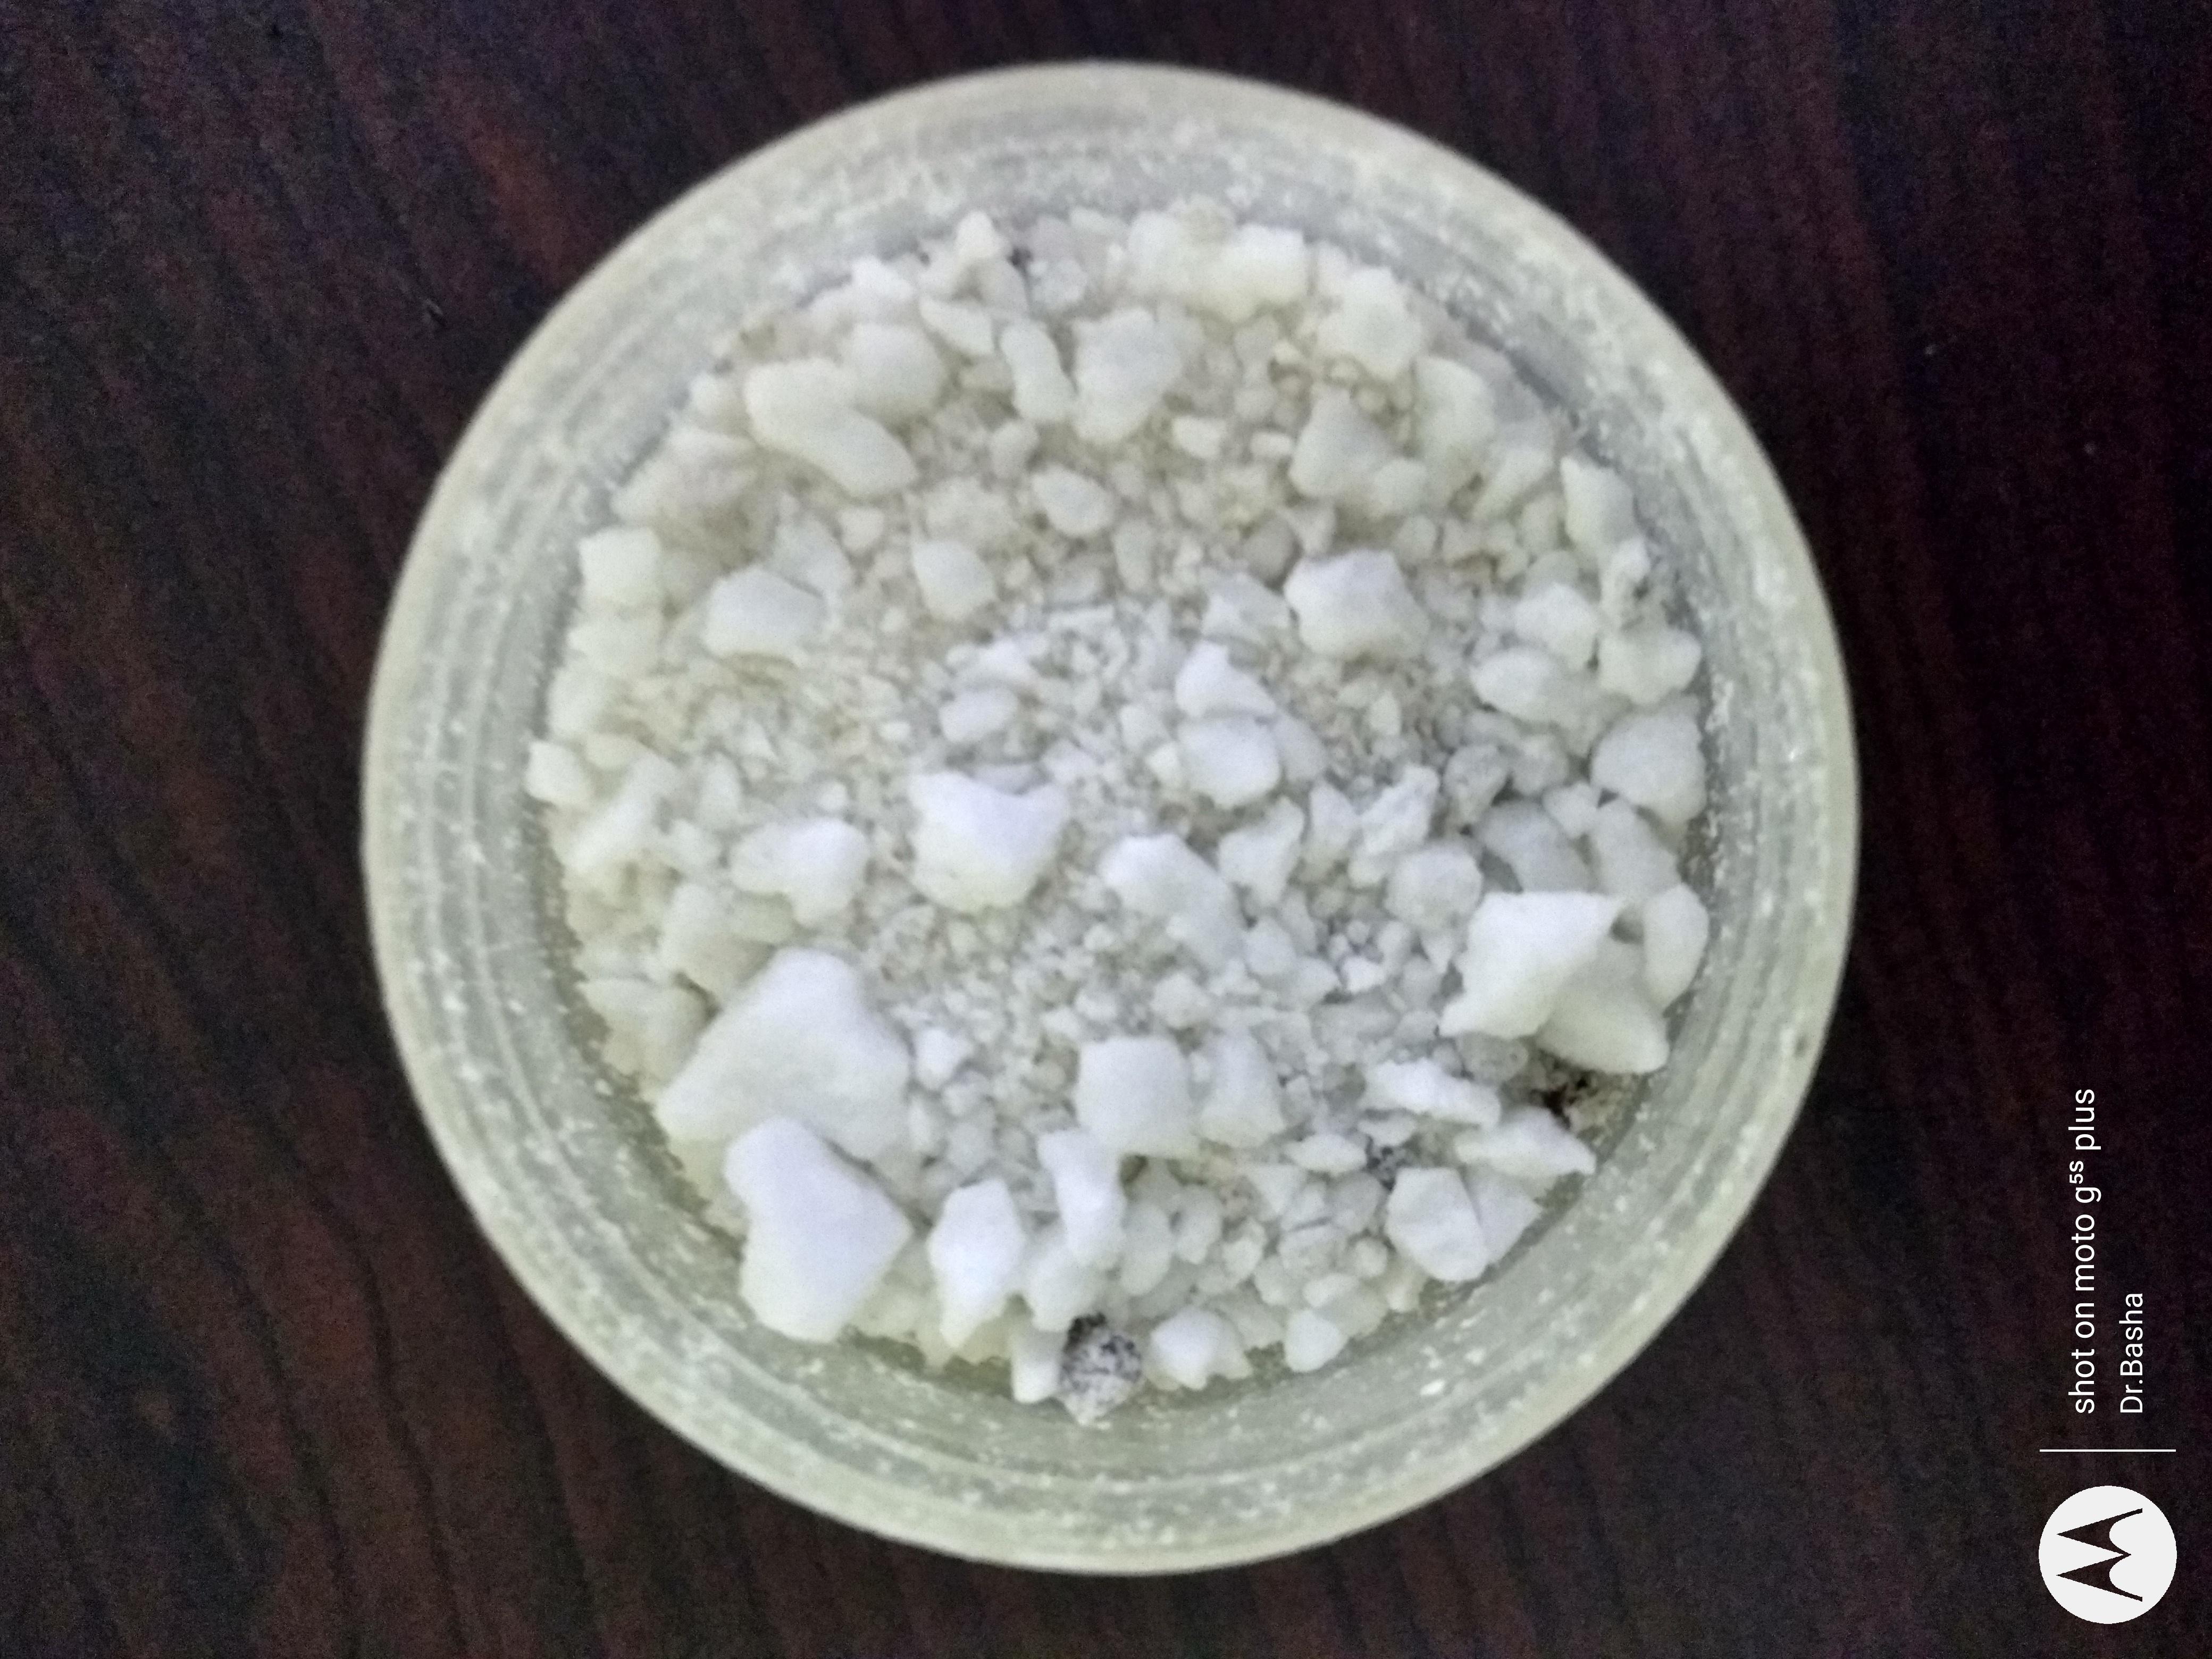 Lutetium Nitrate